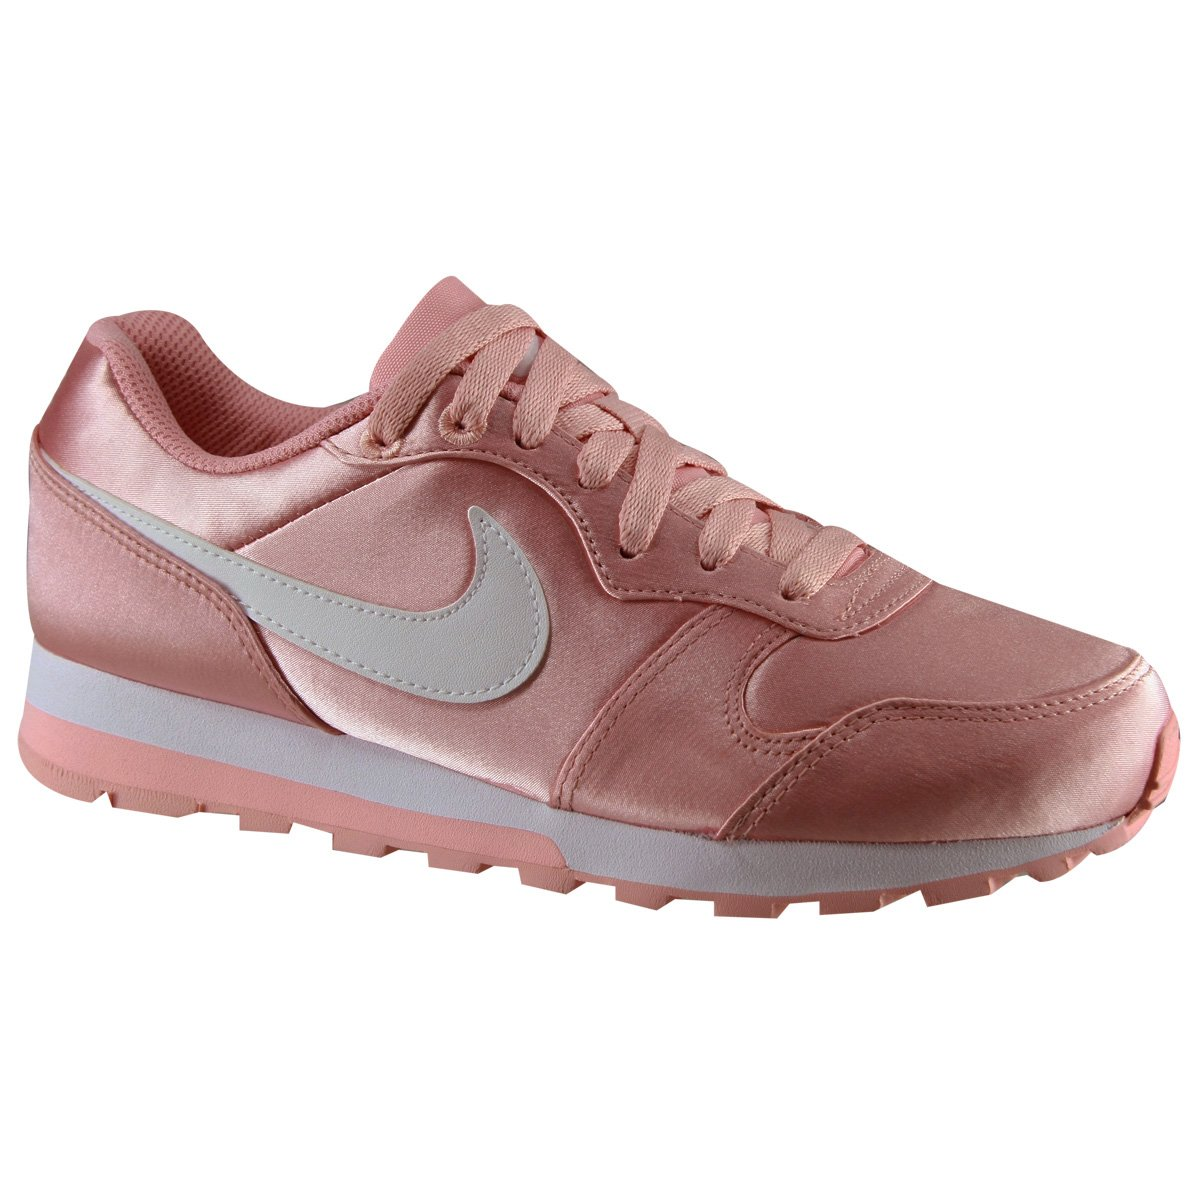 efabb4bed1e8b Tênis Nike WMNS MD Runner 2 Feminino 749869-603 - Rose - Botas ...